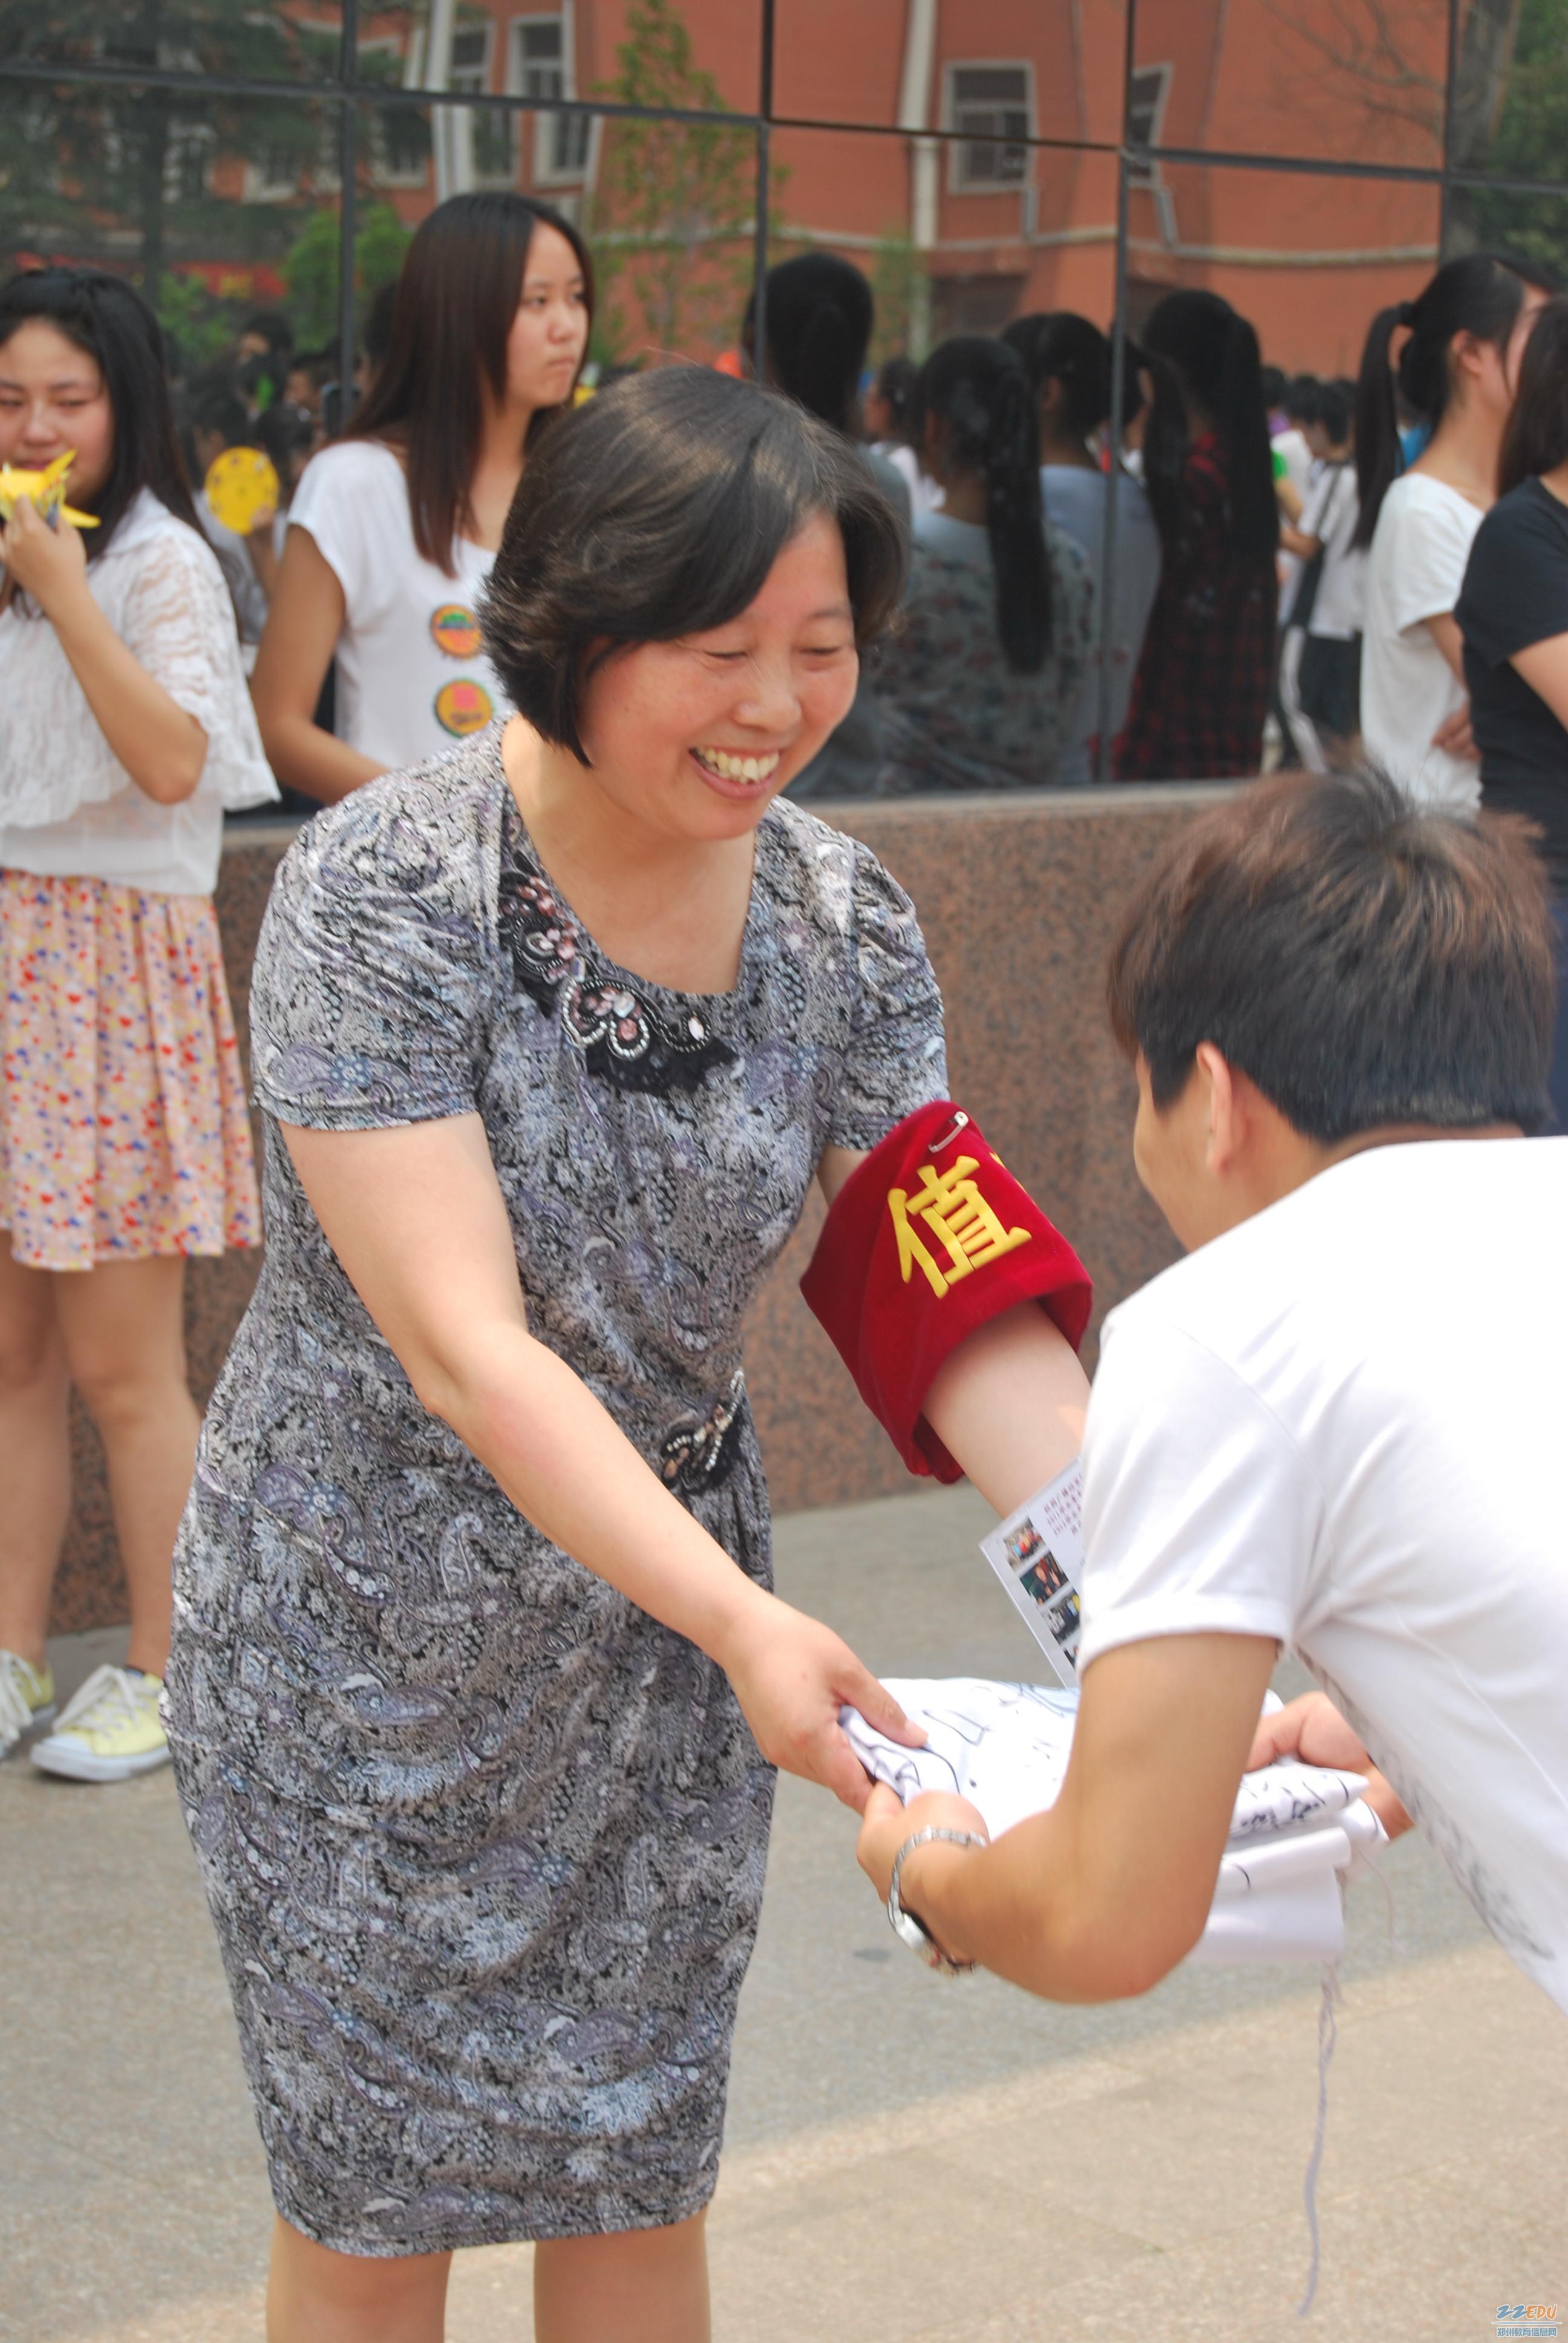 校园 温馨 长队/向校长赠送签名班旗,祝母校明天更美好!